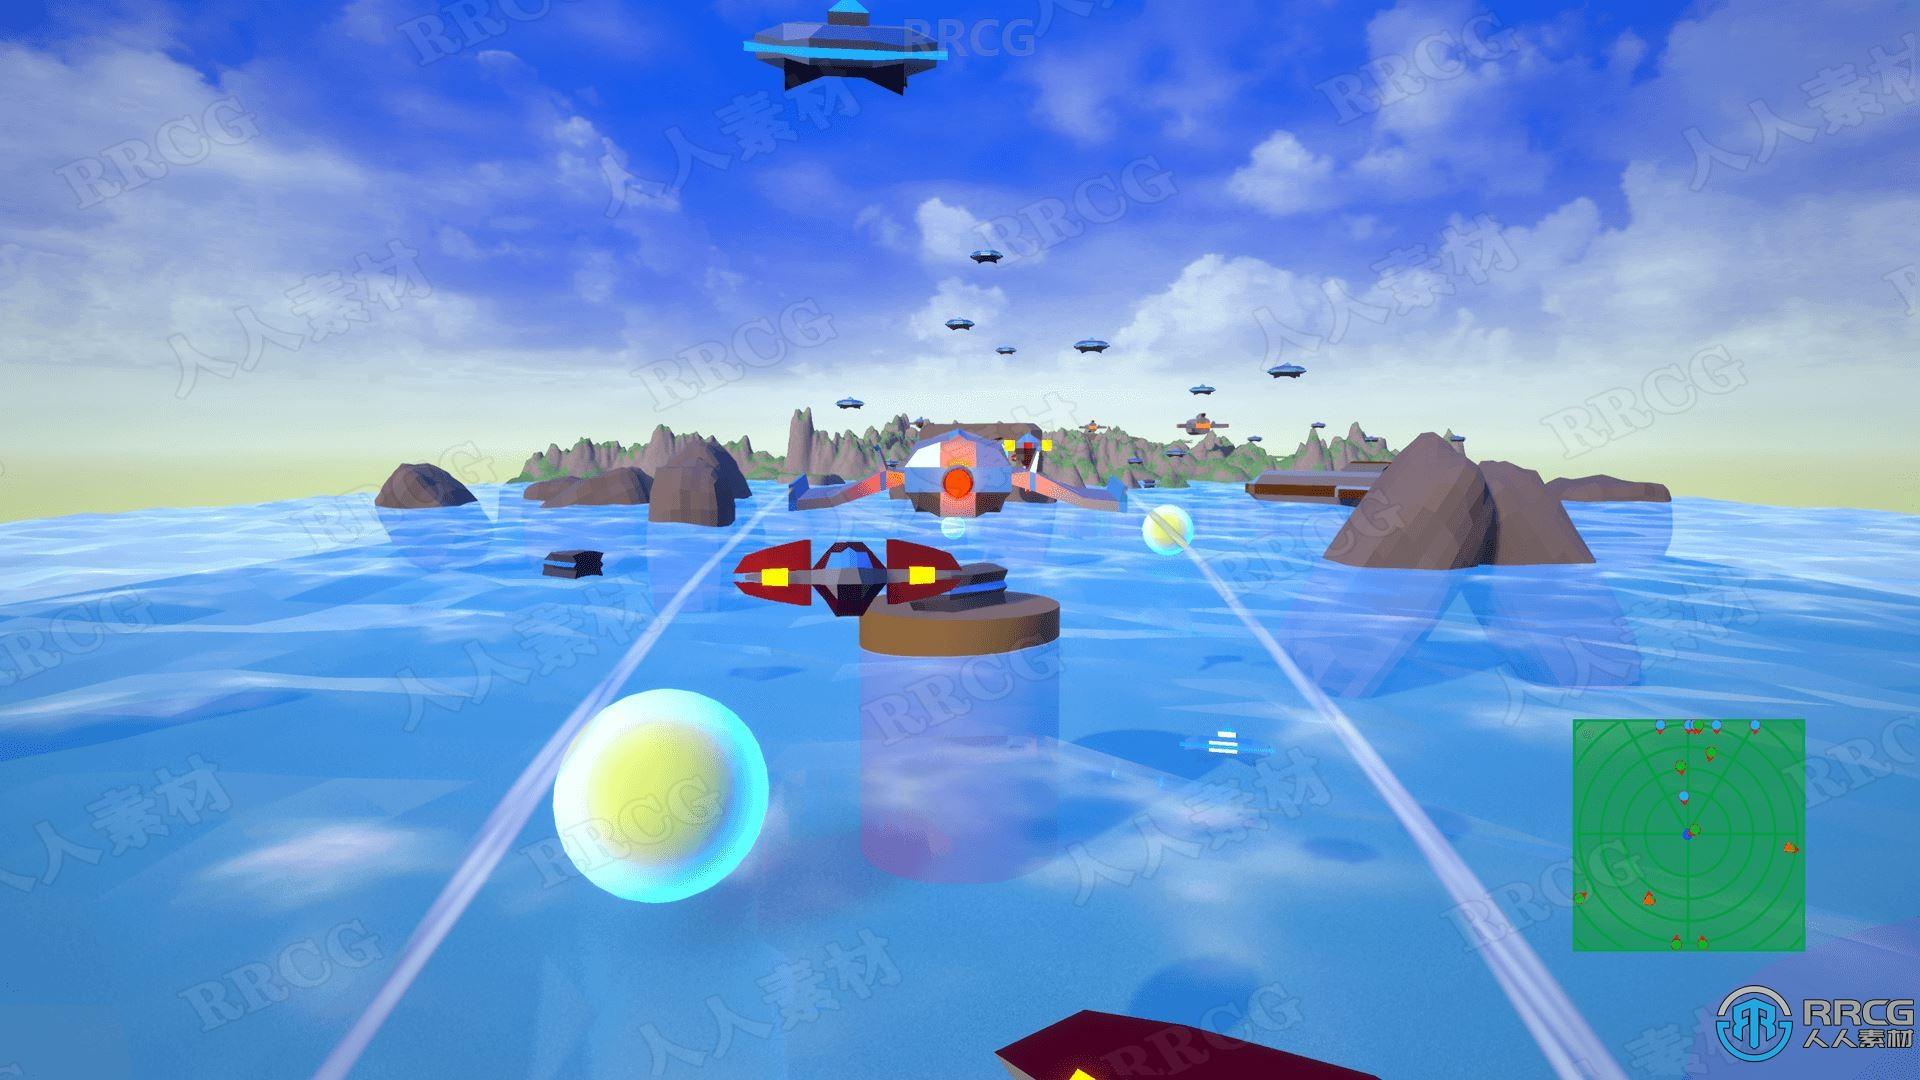 创建轨道上太空射击类完整模板Unreal Engine游戏素材资源